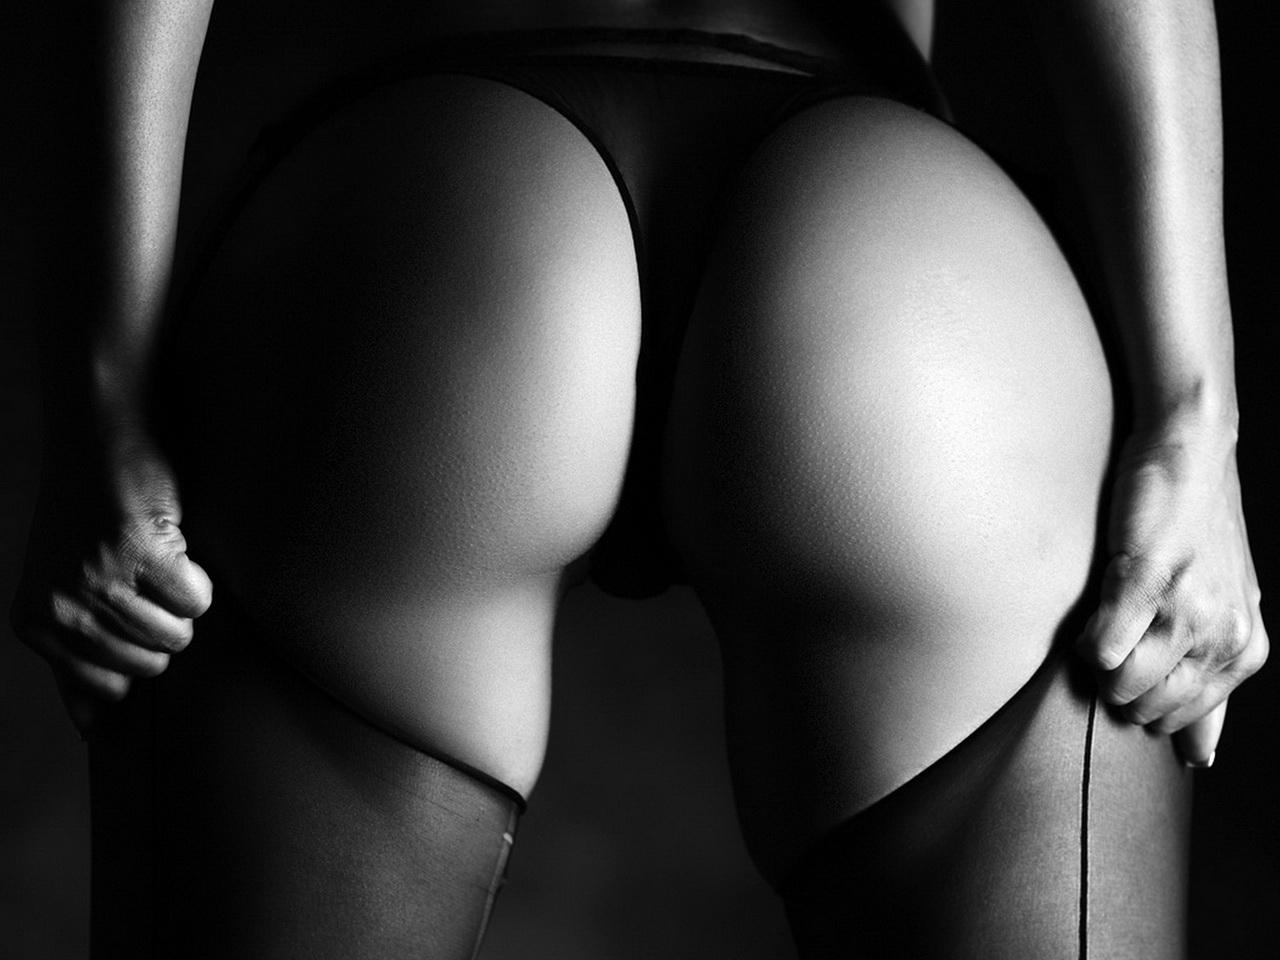 Фотосессия голая попа 8 фотография